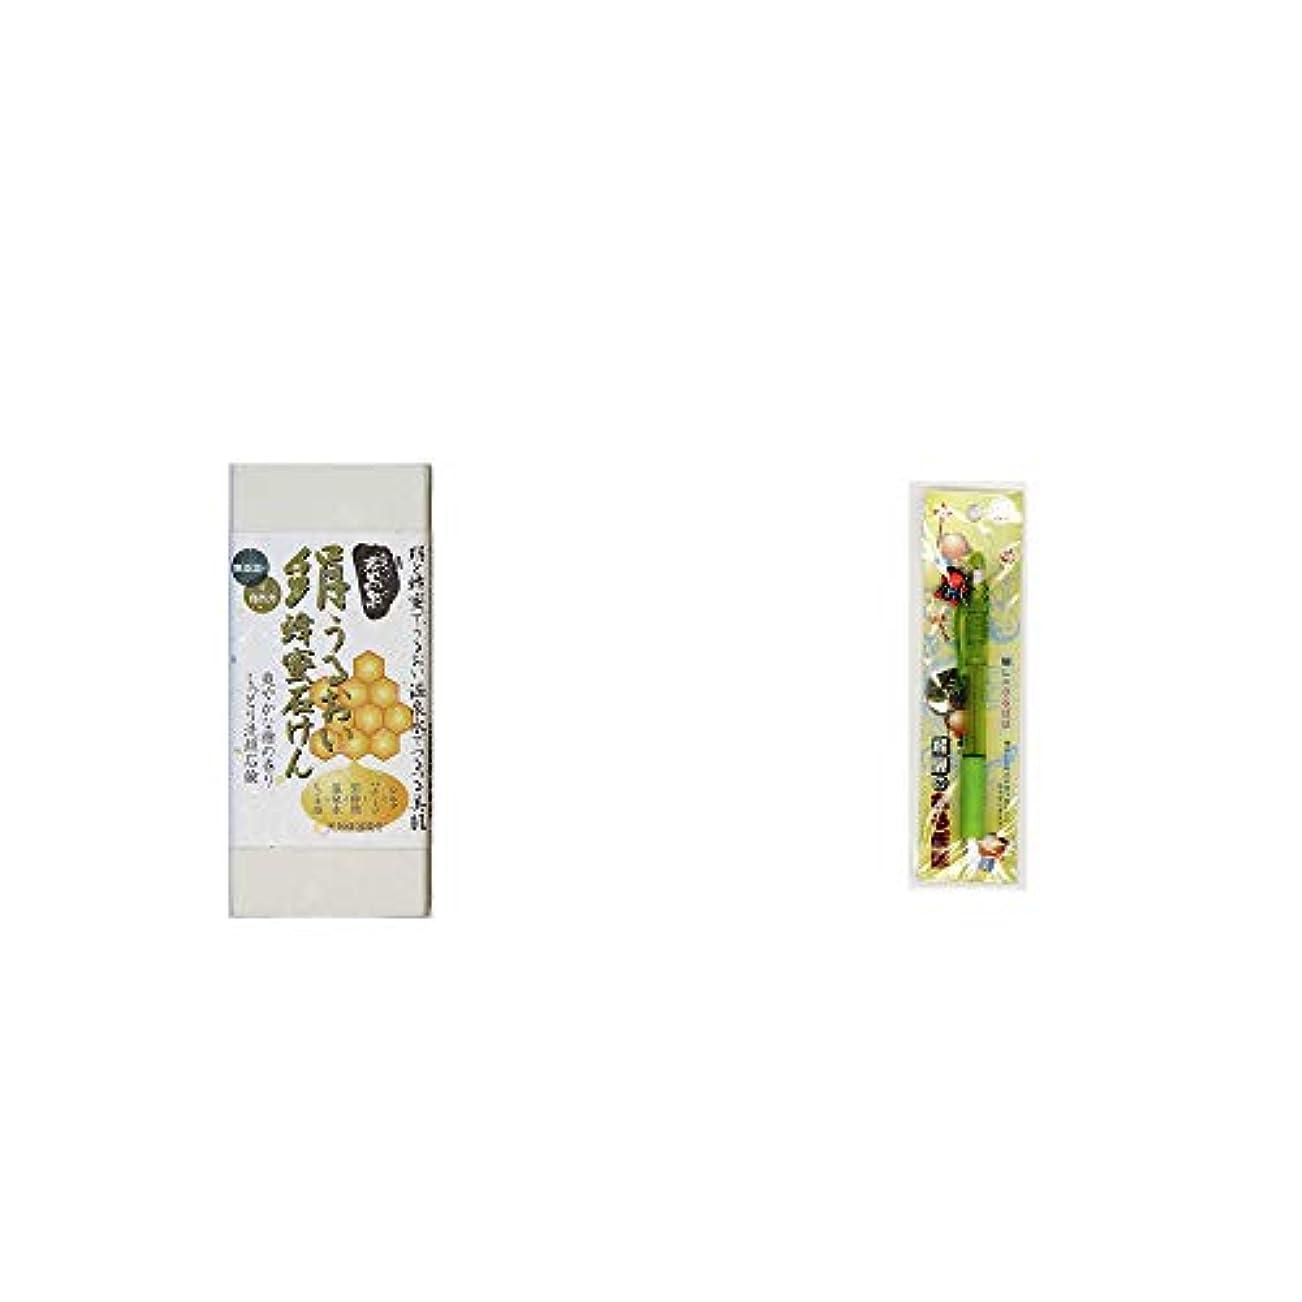 物足りない軌道環境保護主義者[2点セット] ひのき炭黒泉 絹うるおい蜂蜜石けん(75g×2)?さるぼぼ 癒しシャープペン 【グリーン】